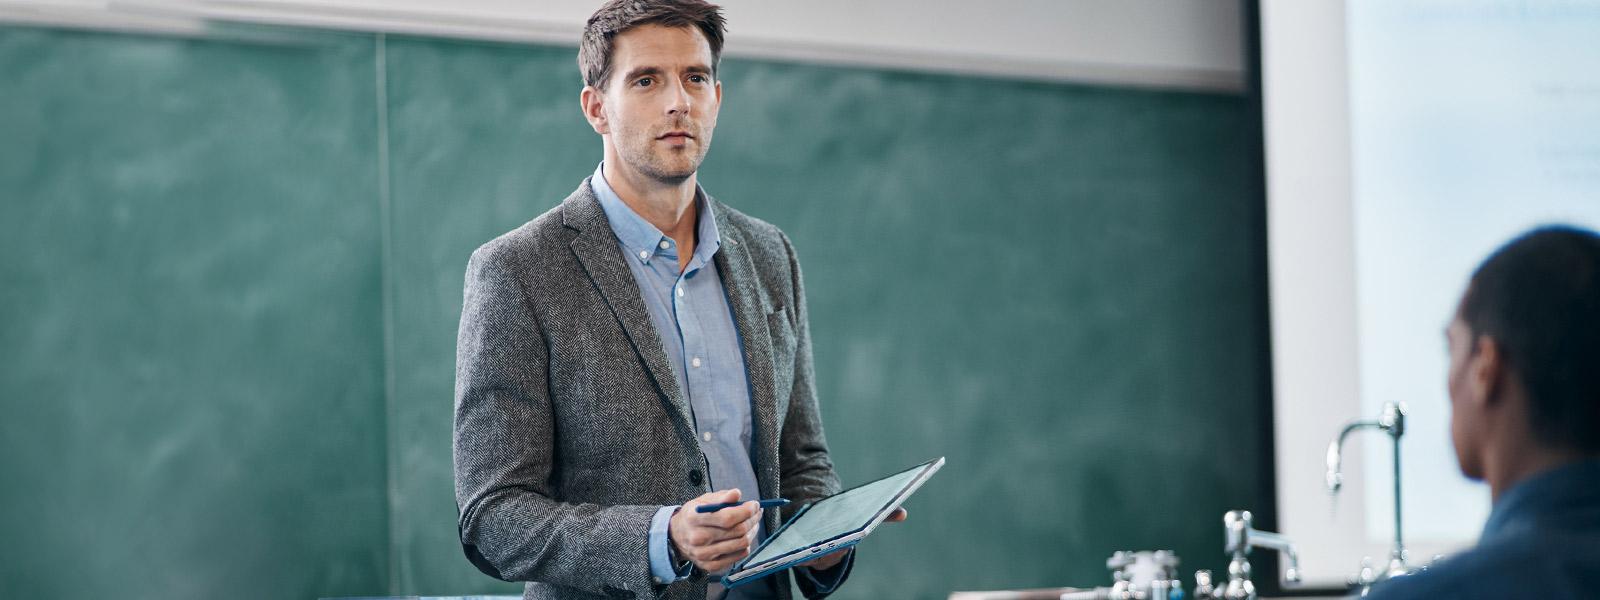 태블릿 모드의 Surface Pro 4를 사용하여 수업 중인 교사